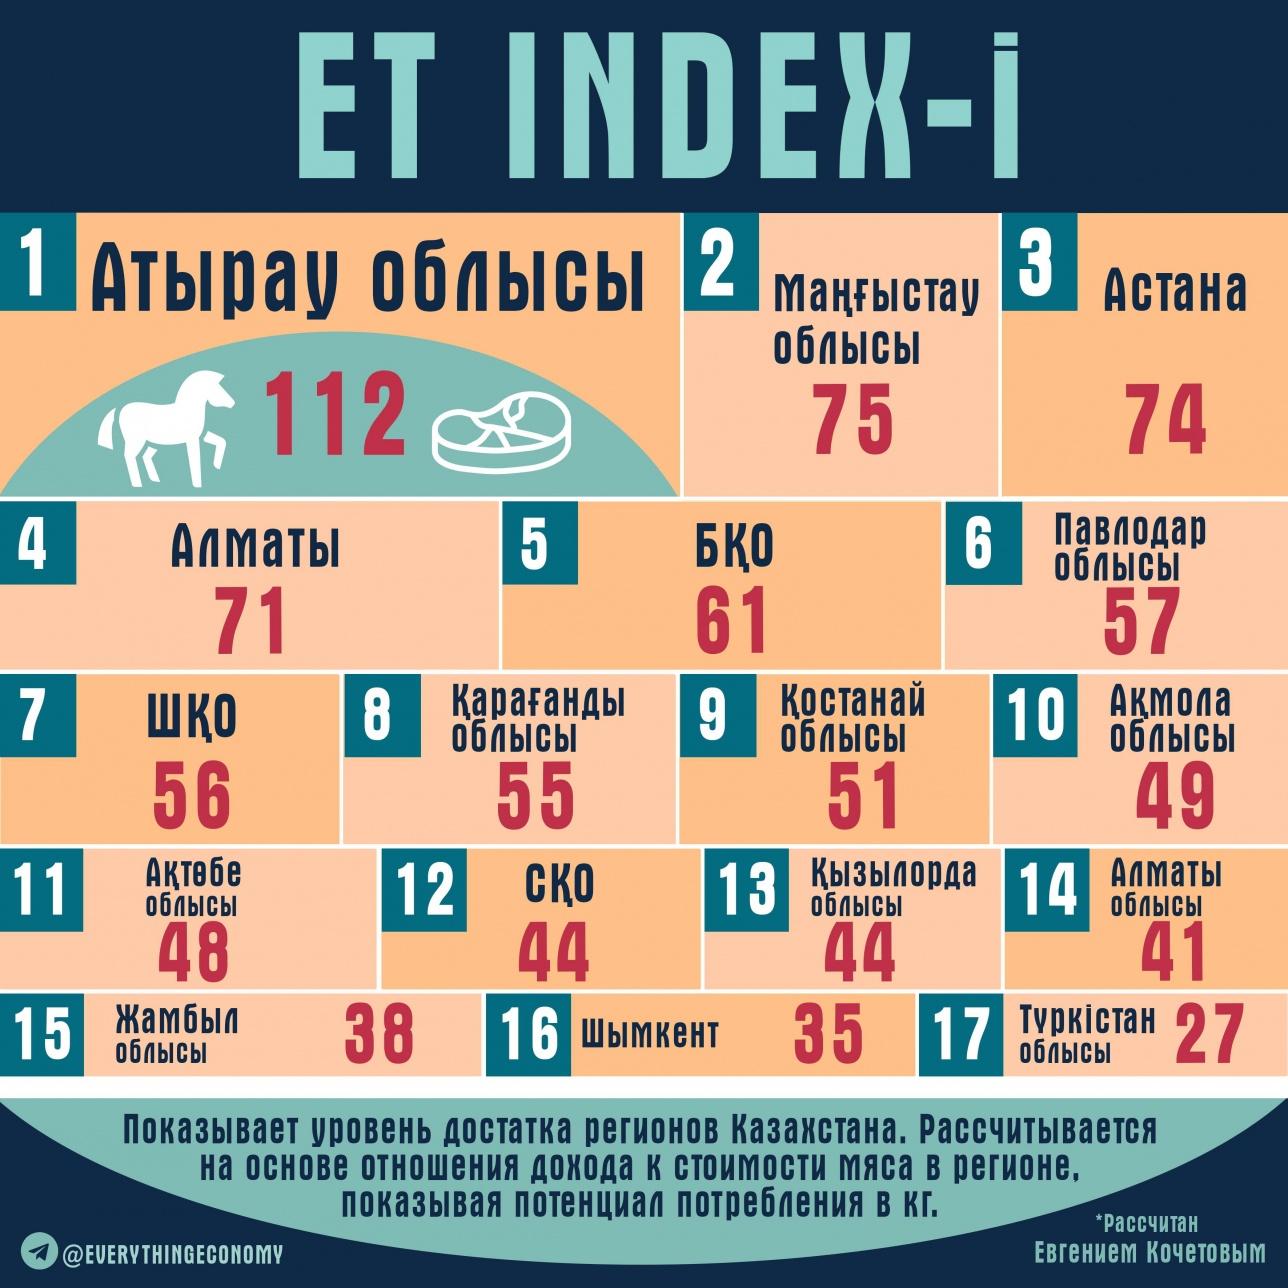 Рейтинг благополучия регионов Казахстана на основе рассчитанного ET INDEX по состоянию на конец 2018 года